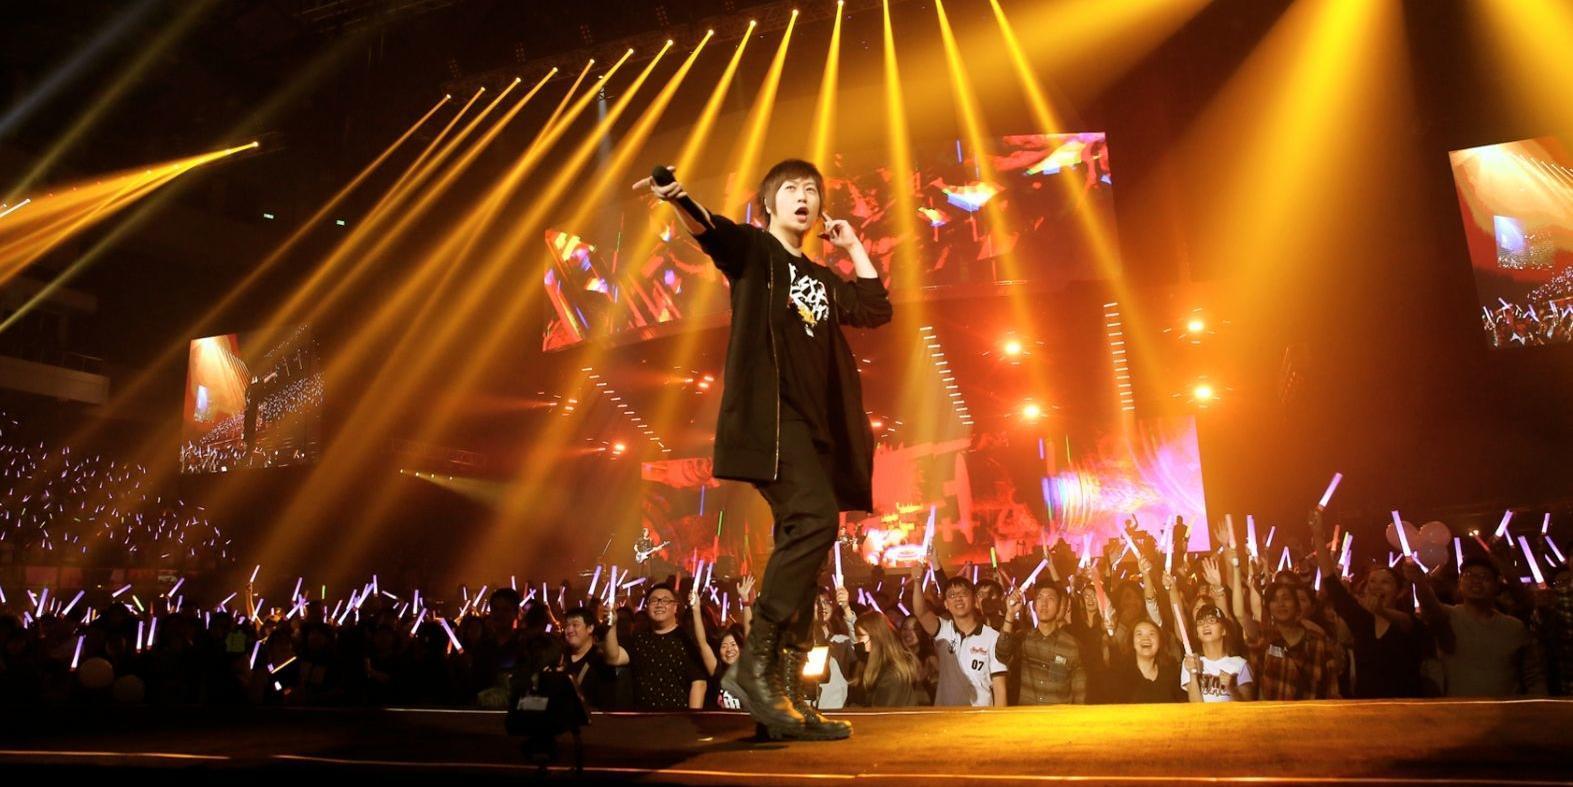 mayday singapore concert singapore indoor stadium